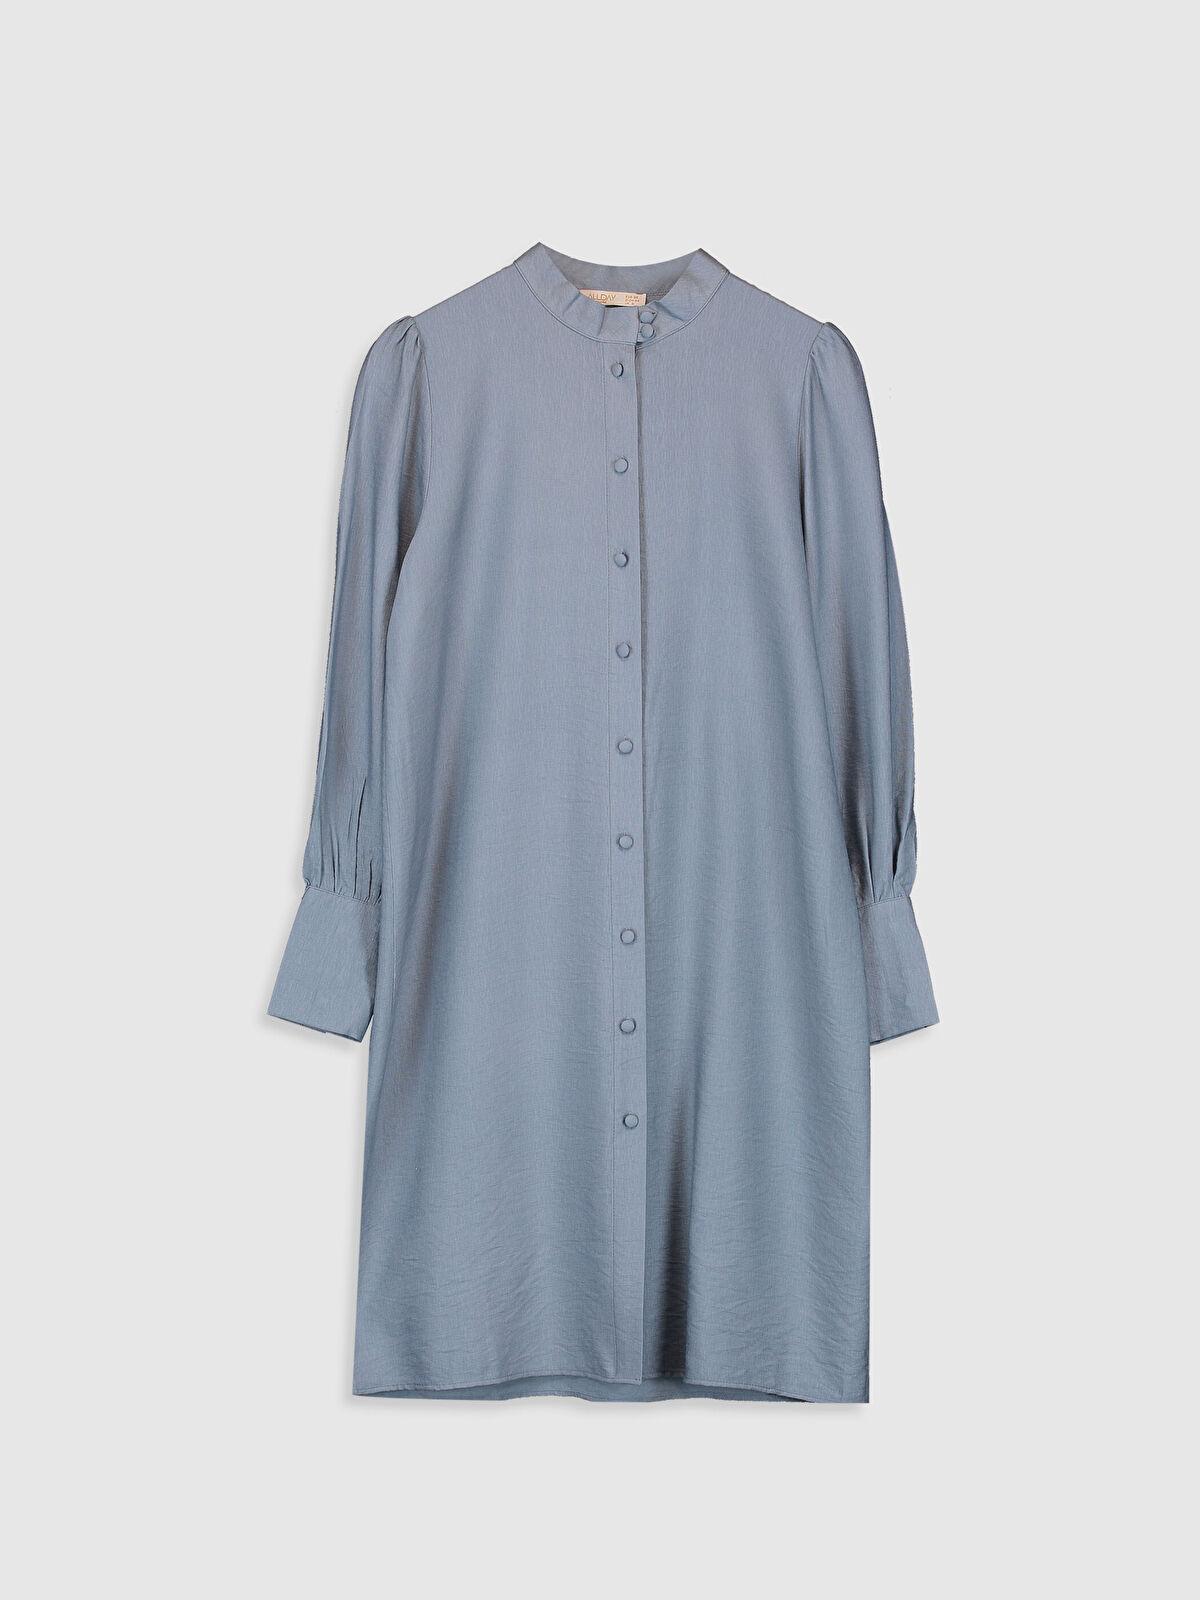 Allday Büzgülü Gömlek - Markalar